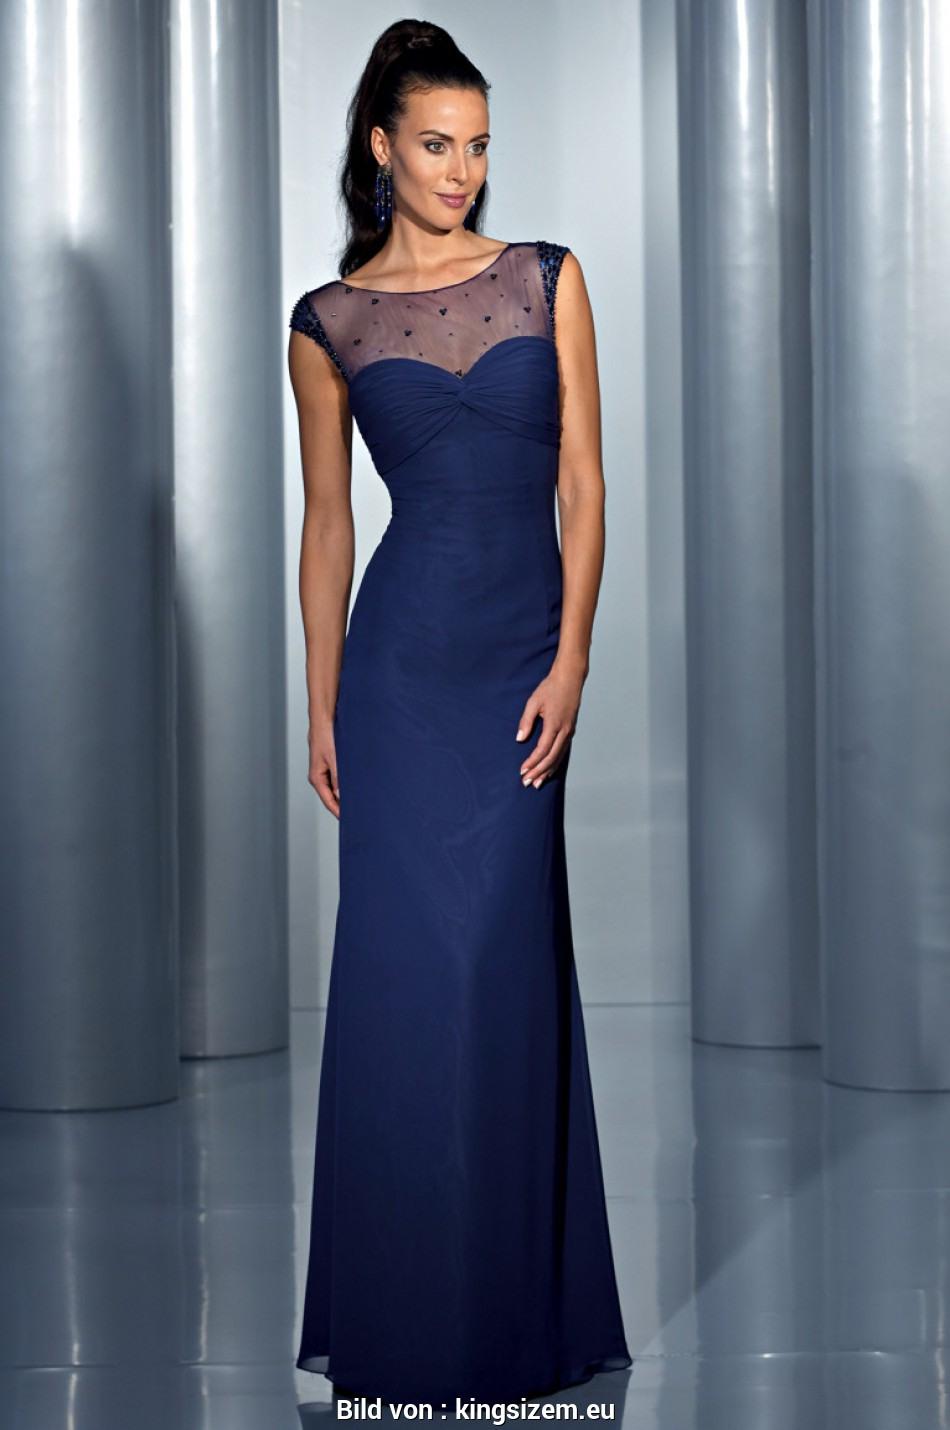 Abend Elegant Abendkleid Ingolstadt Galerie - Abendkleid